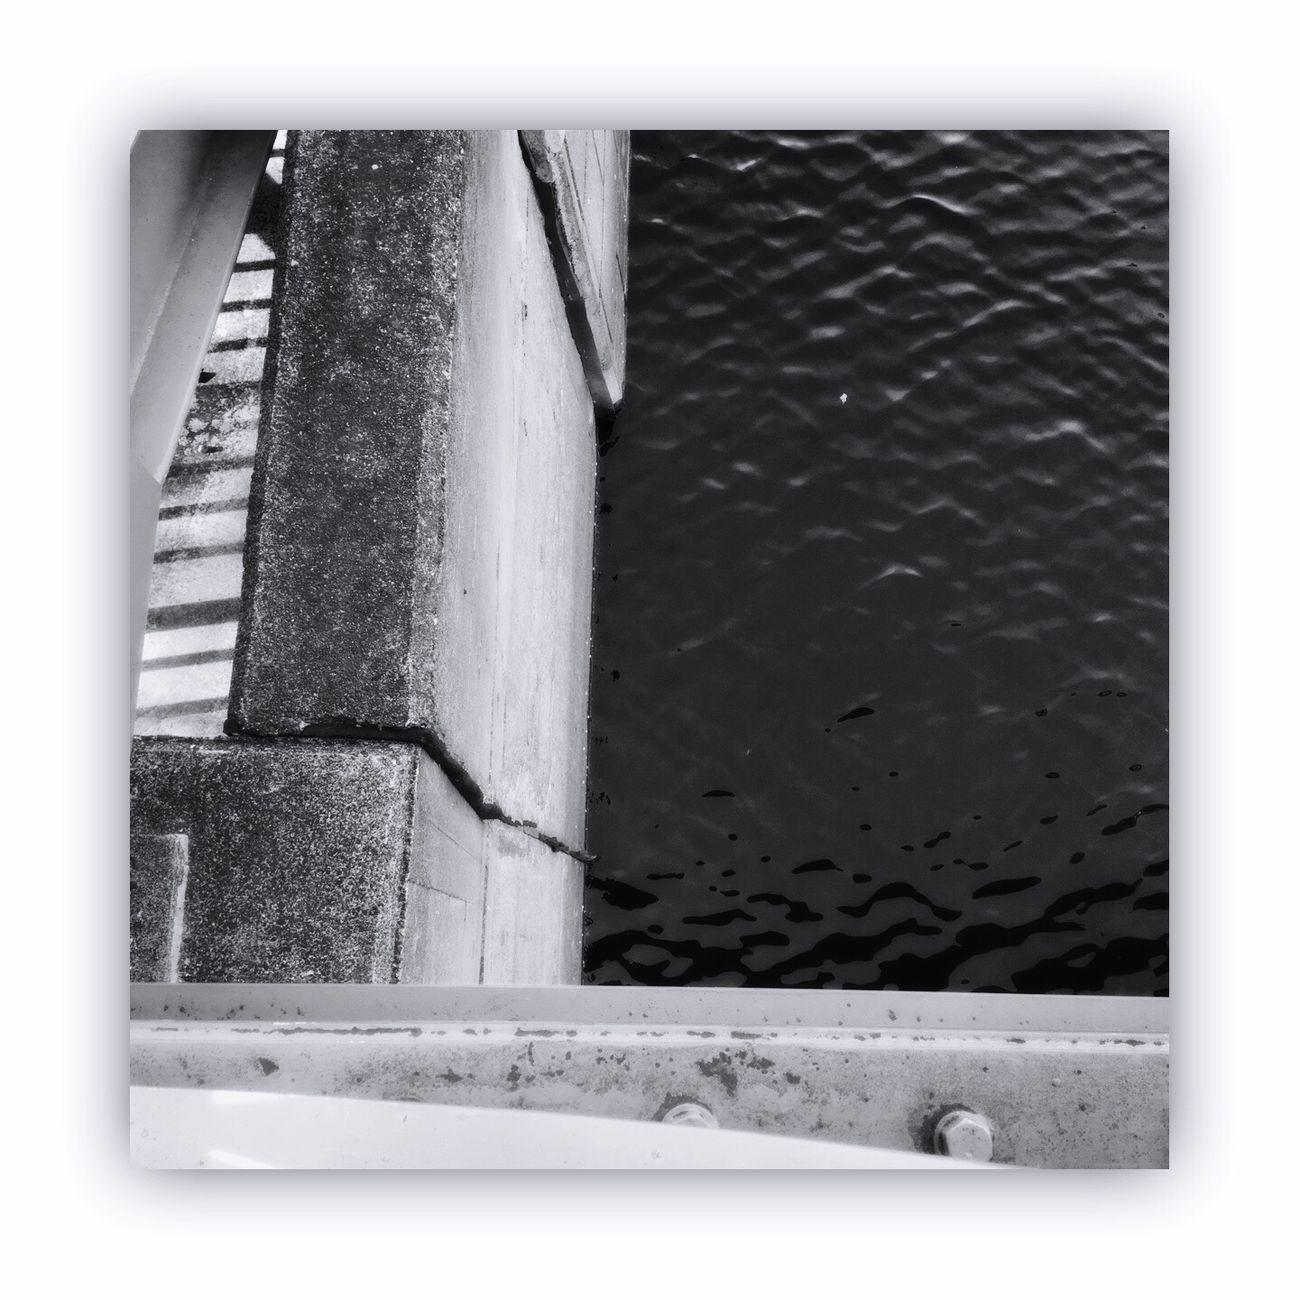 「川を橋の上から撮る」 I Took The Rivers From On The Bridge River Bridge Light And Shadow Blackandwhite Monochrome Monochrome_life